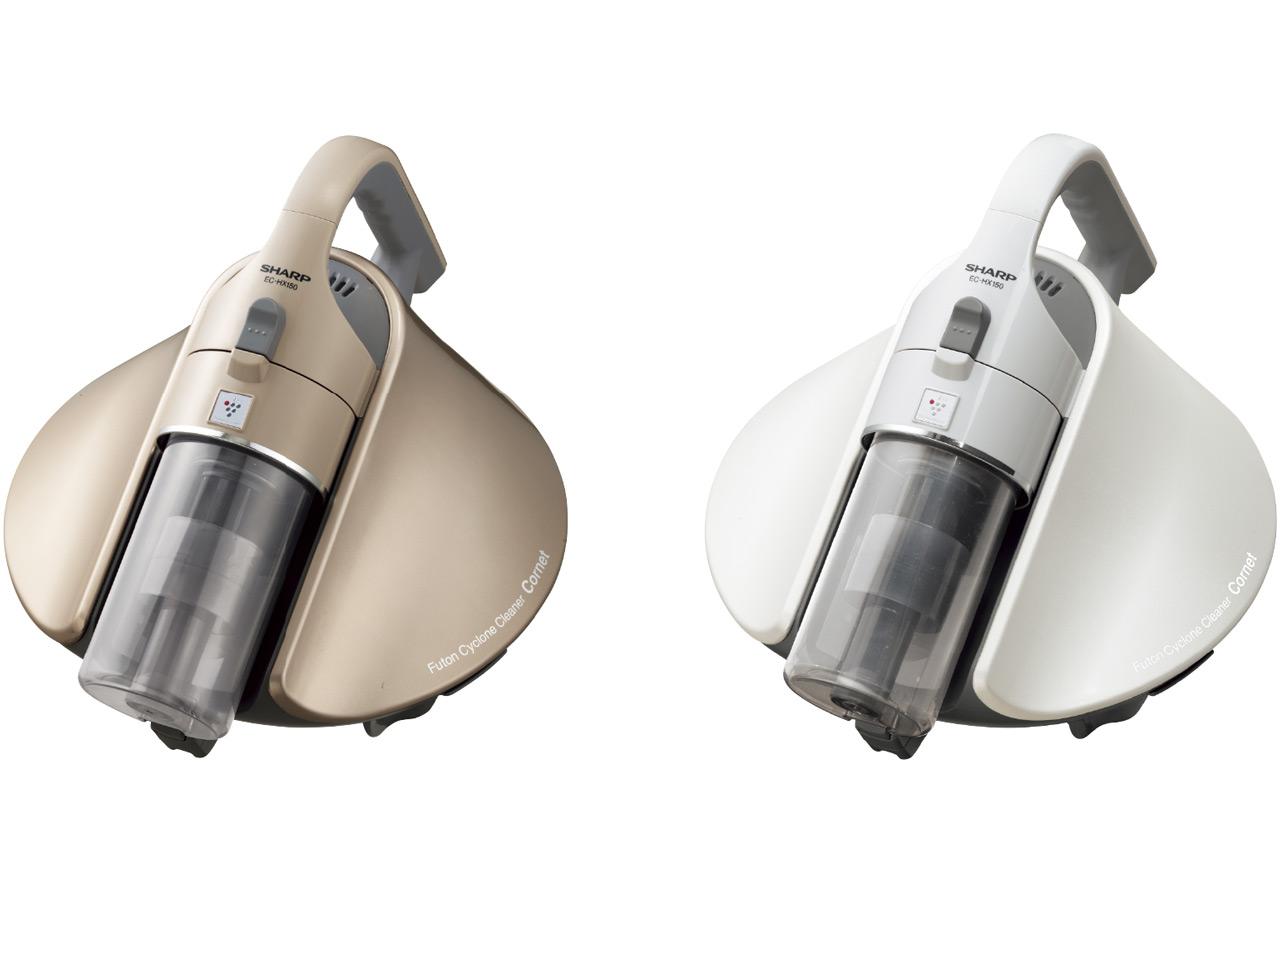 『カラーバリエーション』 Cornet EC-HX150-N [ゴールド系] の製品画像